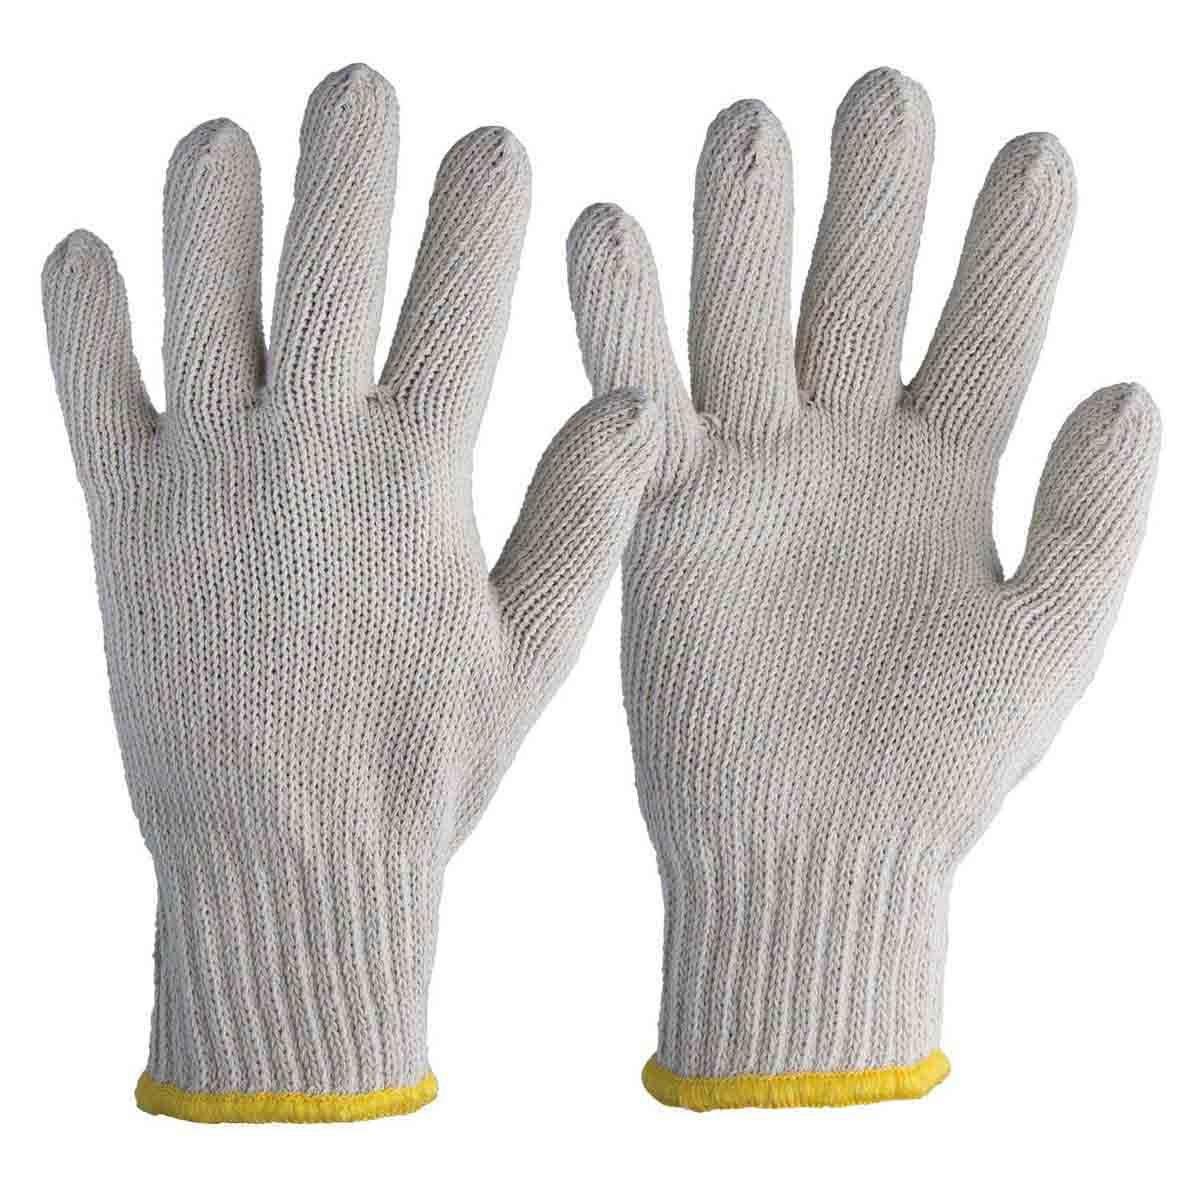 Luva Tricotada de Malha Branca 4 Fios Tamanho 9 (G) Worker